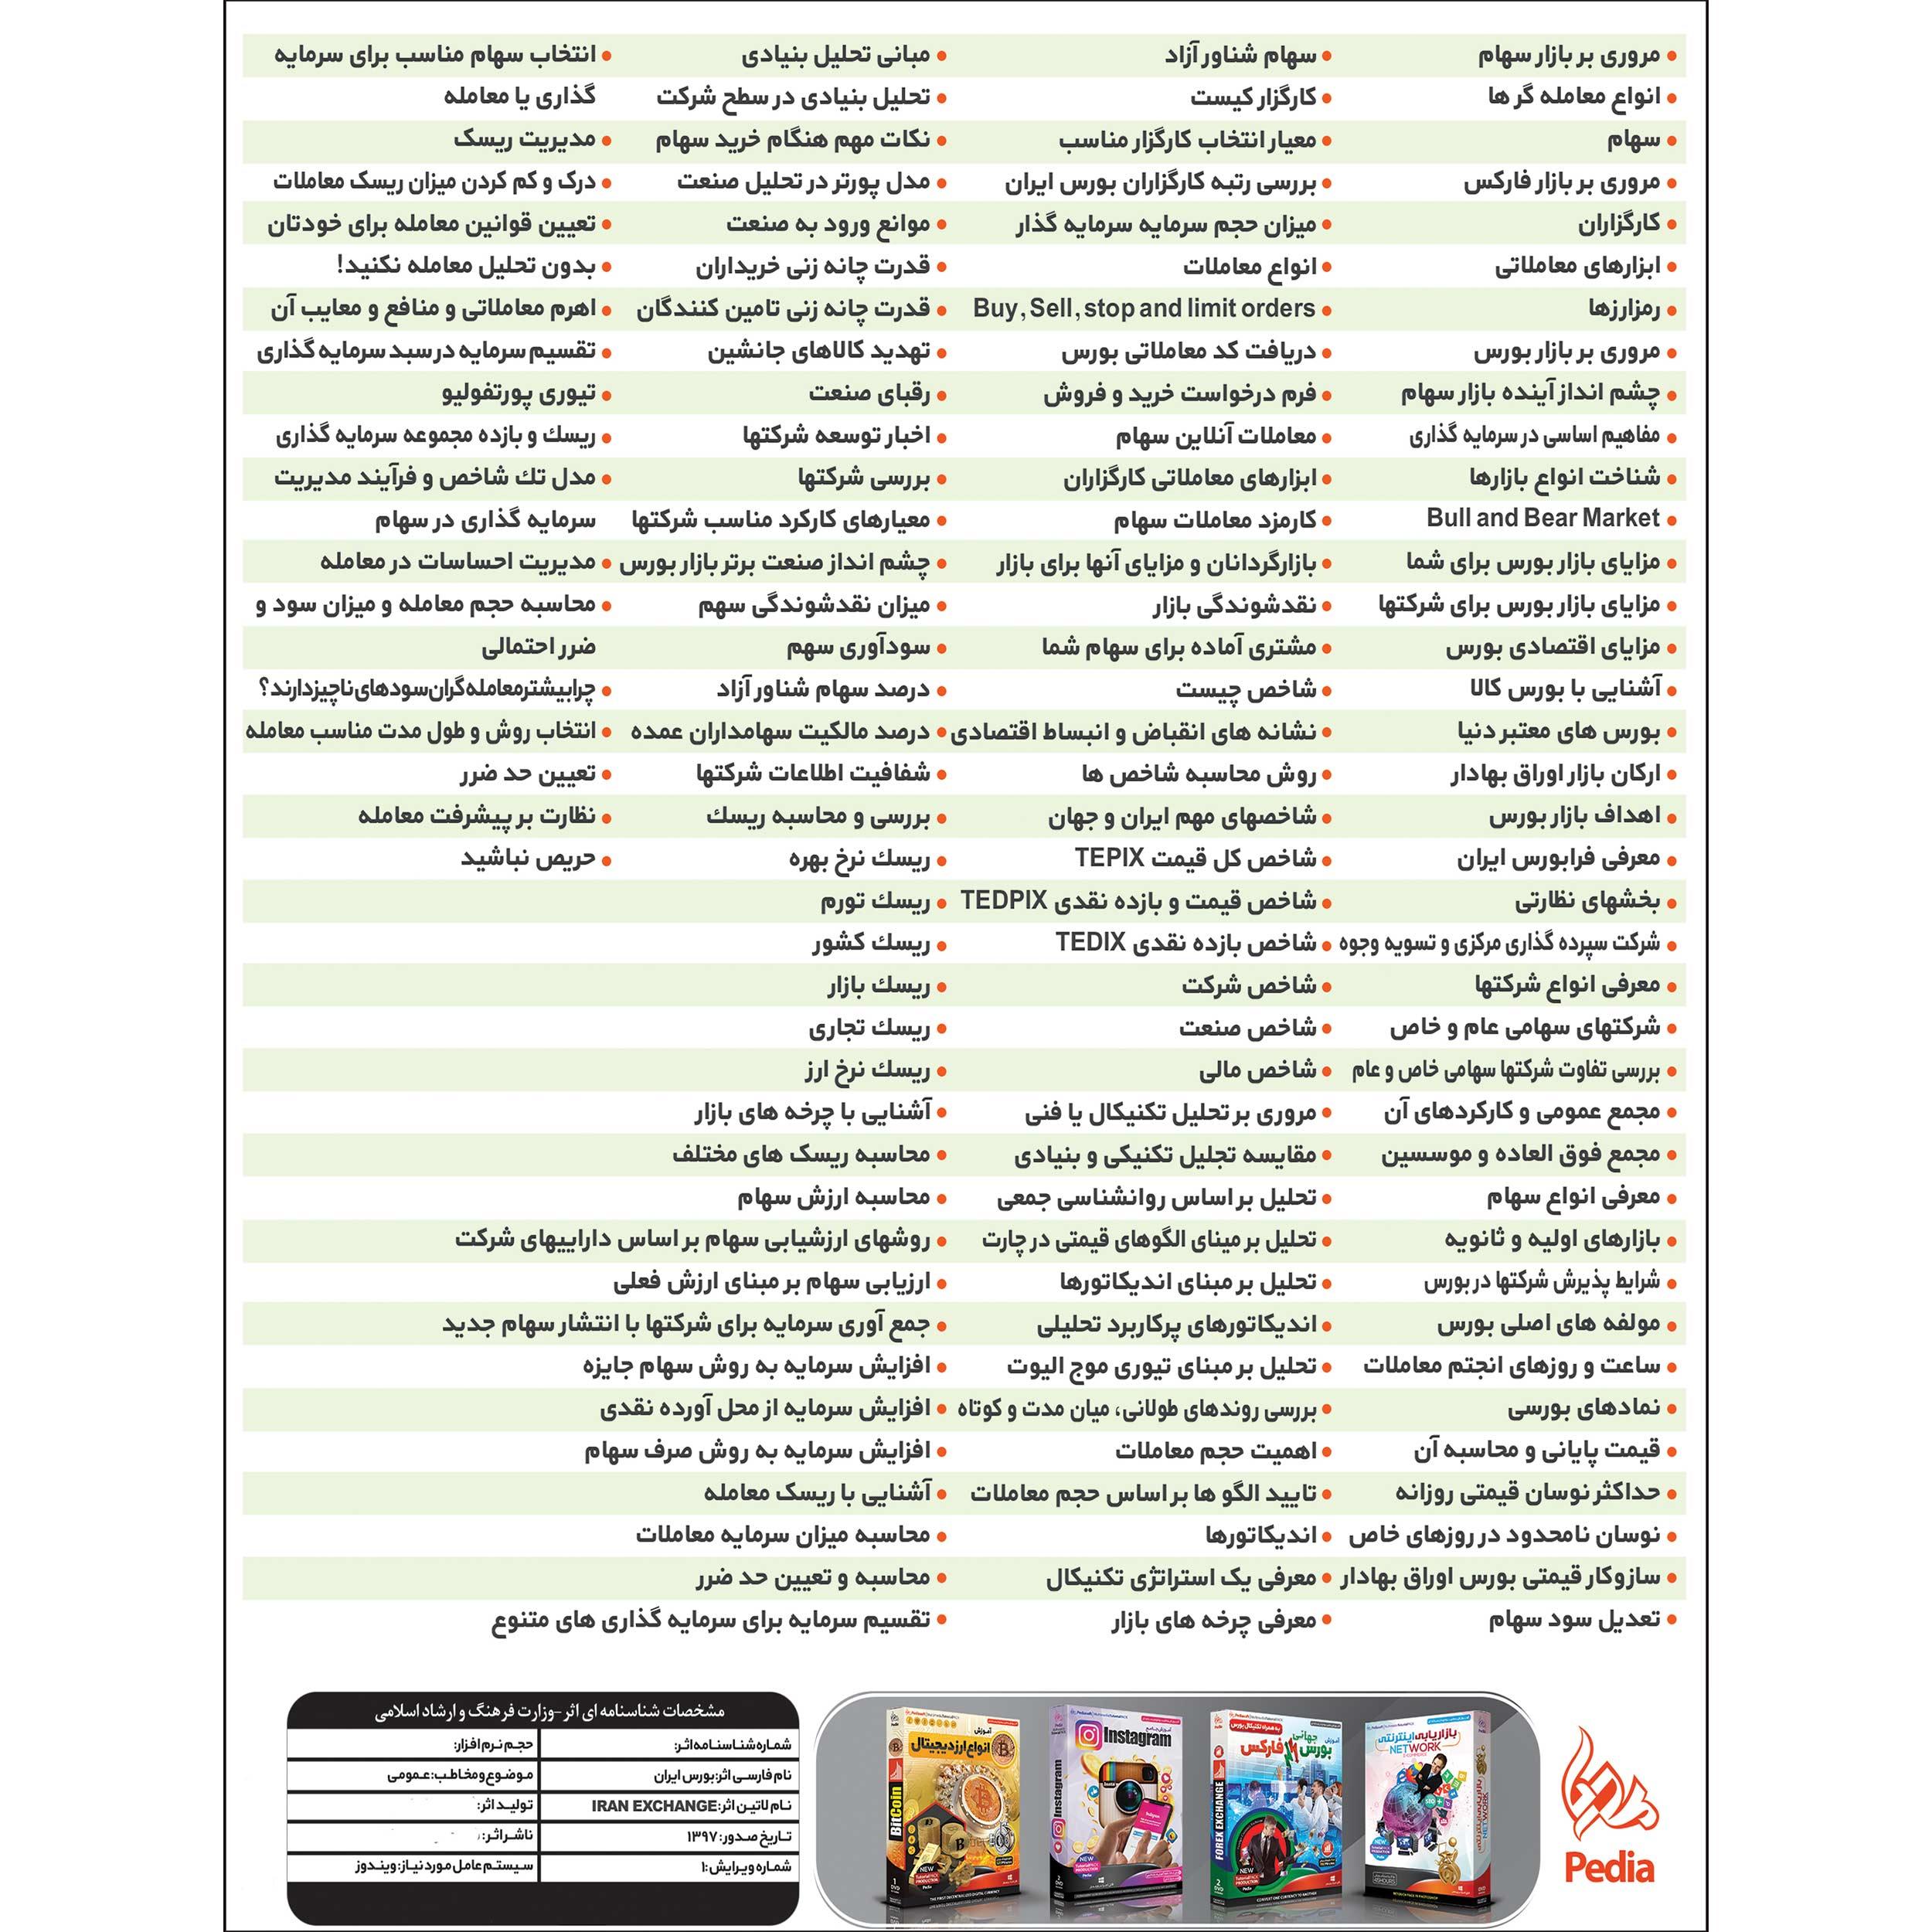 نرم افزار آموزش بورس ایران نشر پدیا سافت